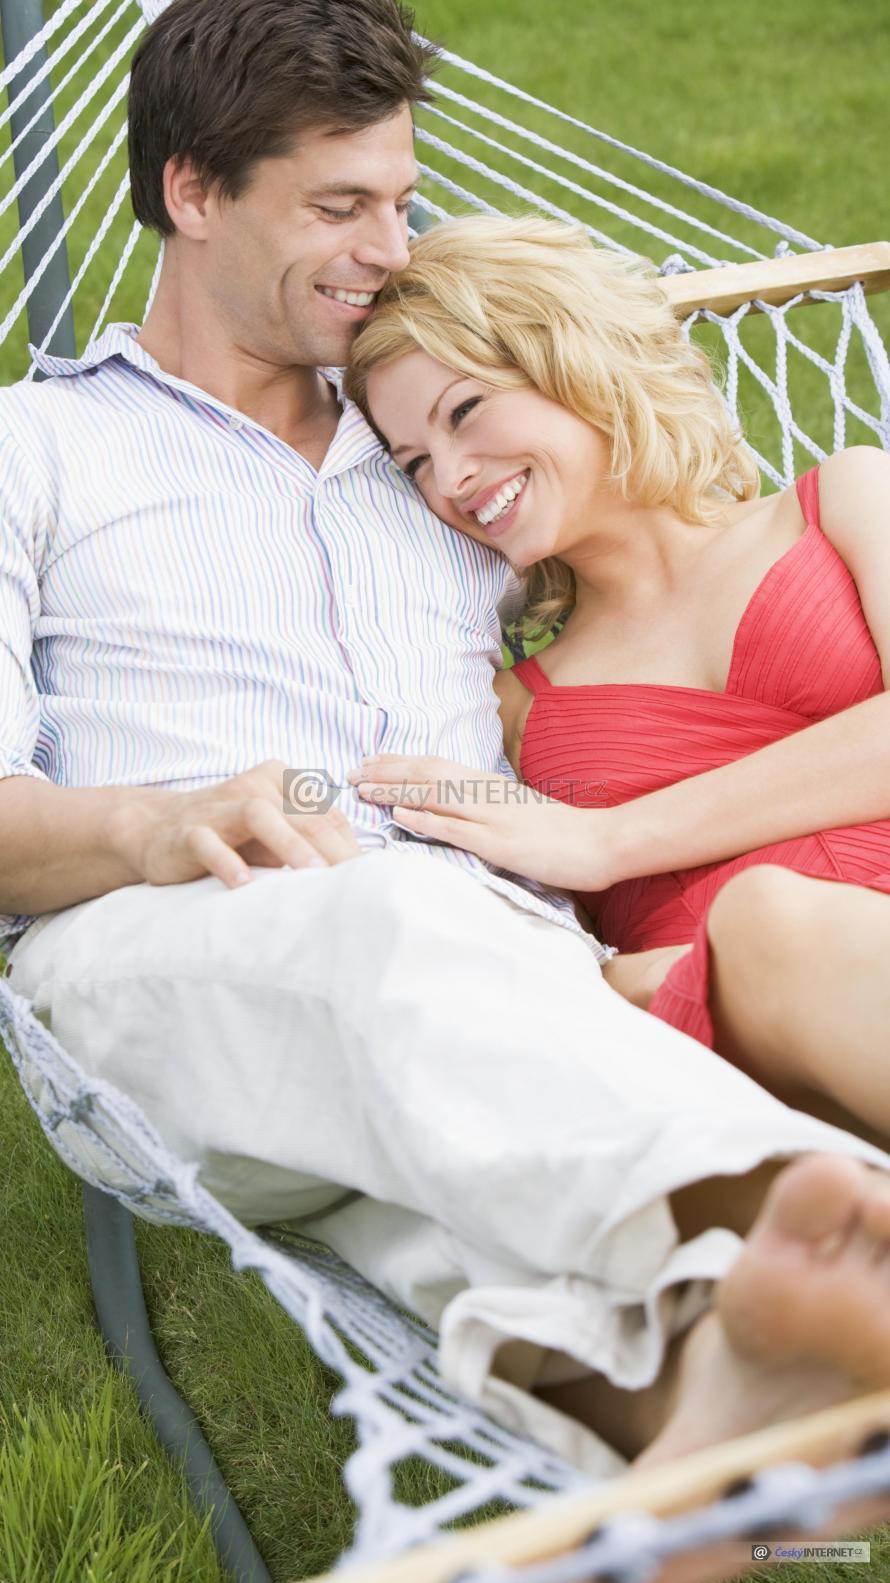 Muž se ženou v houpací síti.